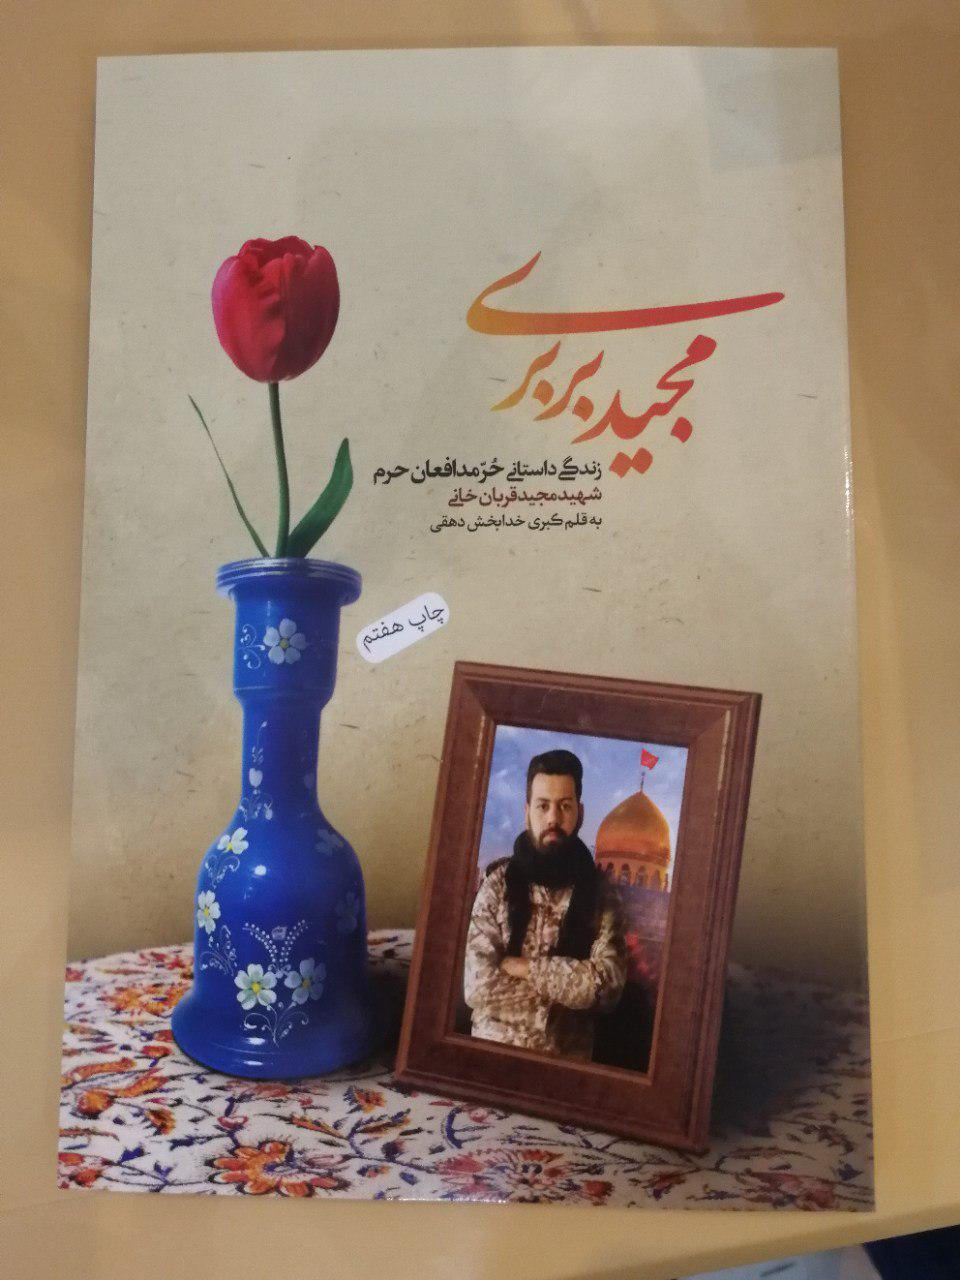 جشن امضای کتاب زندگی شهید مجید قربانخانی برگزار شد